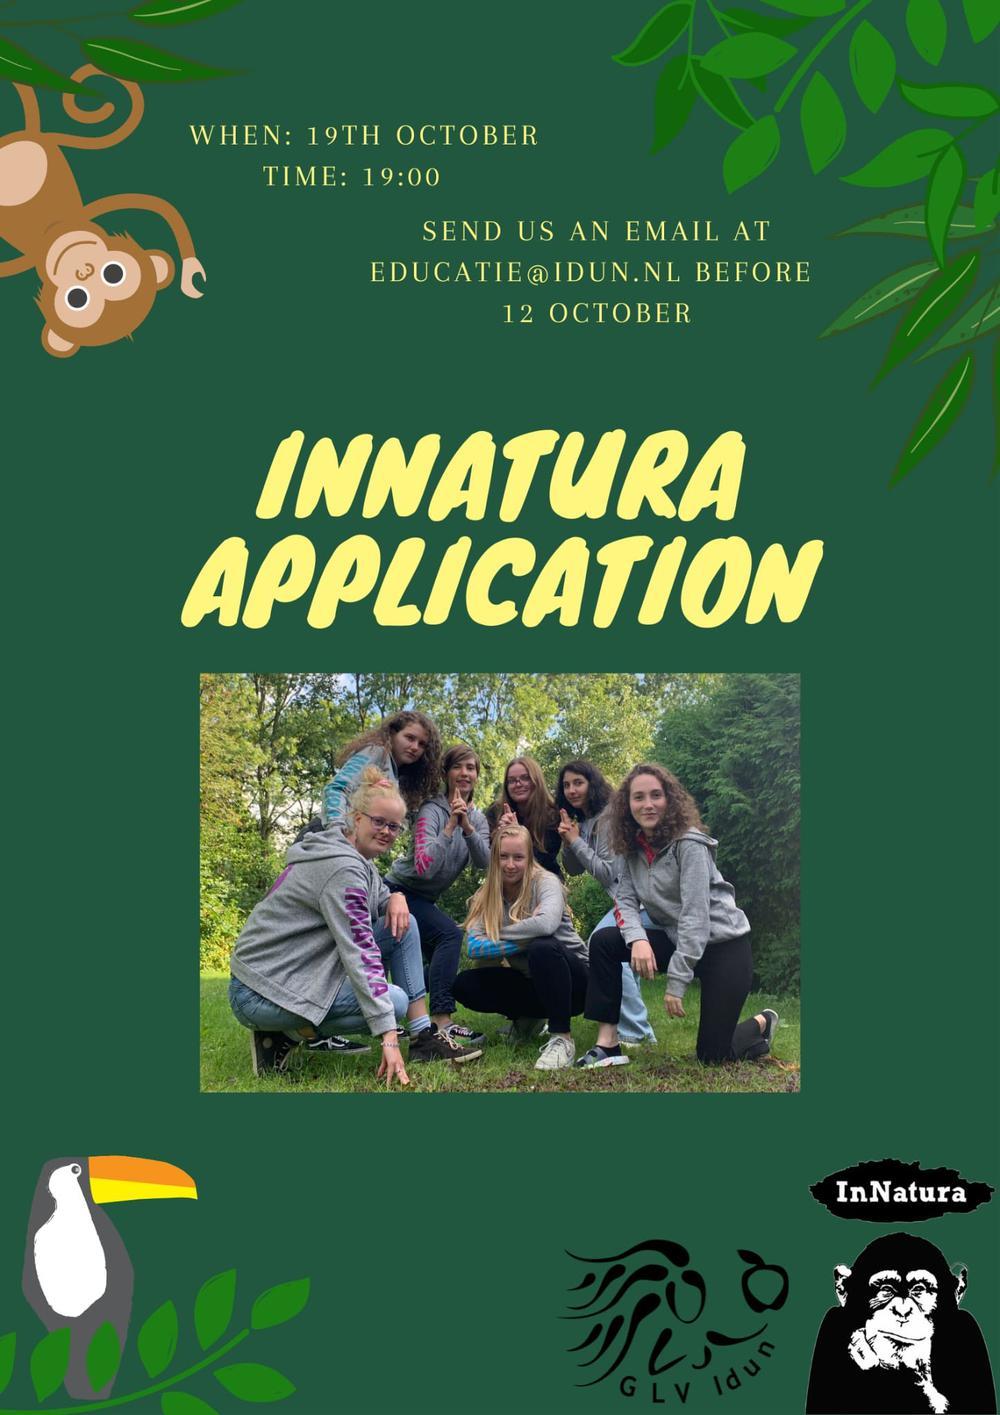 InNatura Applications